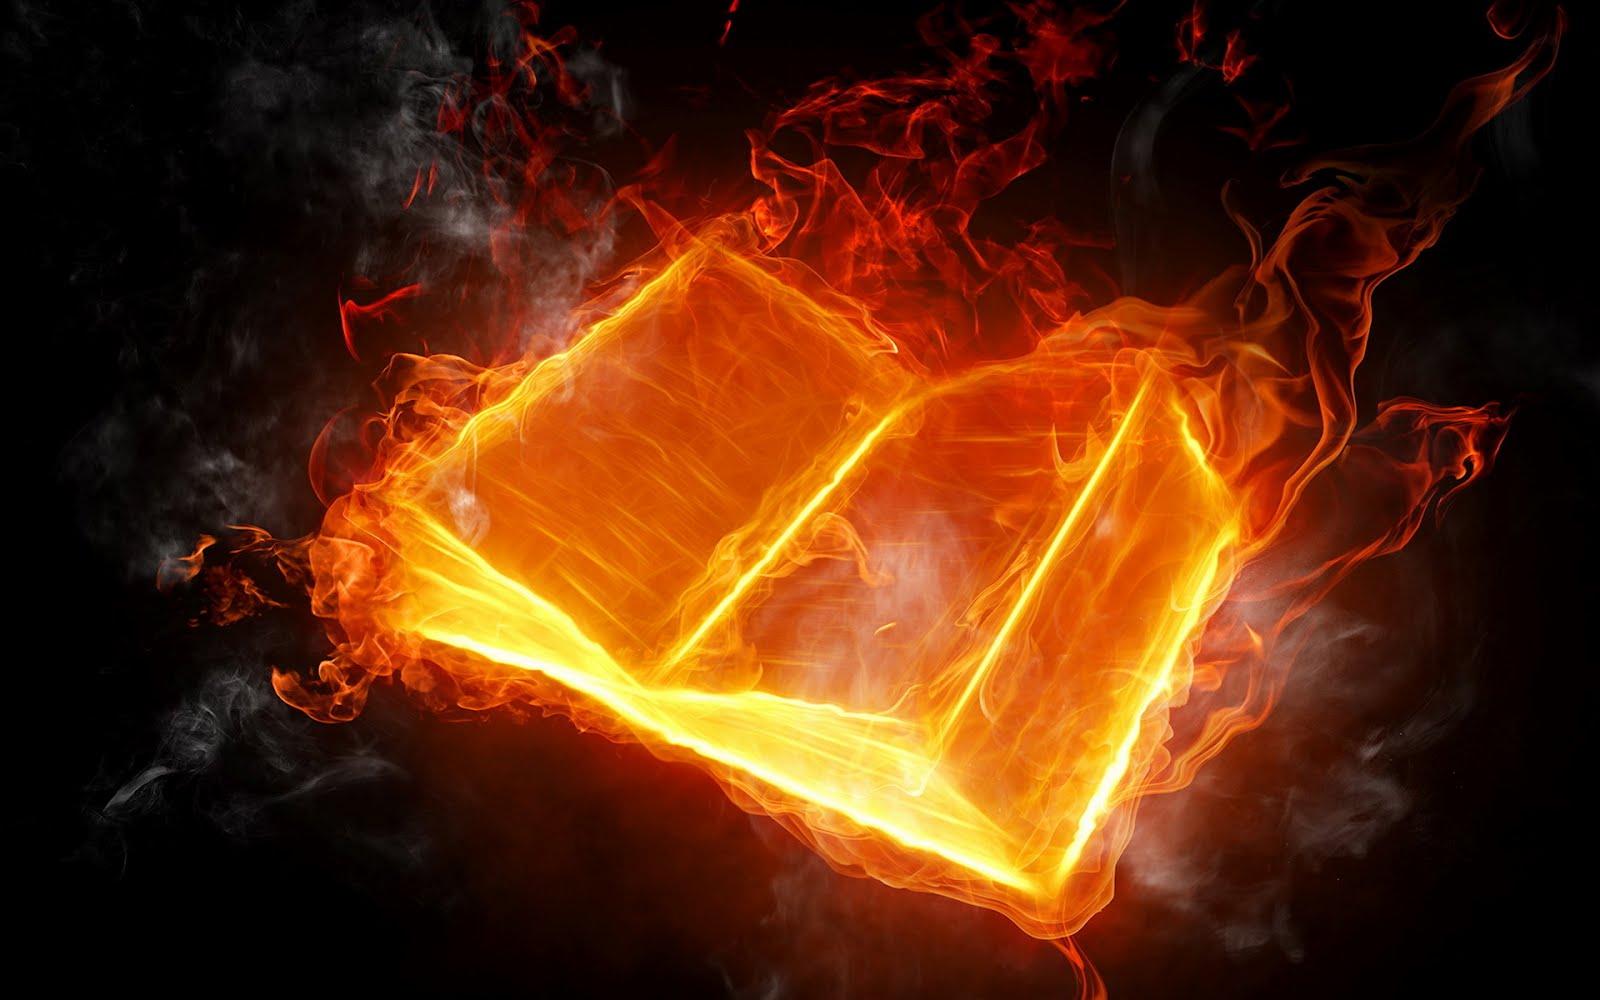 http://1.bp.blogspot.com/-QZ2j9fdD5Ys/T2D-gKgSAWI/AAAAAAAACX0/XBzzi_KCDxI/s1600/grapic-open-book-in-flames-best-flames-hd-wallpapers-best-hd-wallpapers-books-d-wallpaper-flames-and-fire.jpg